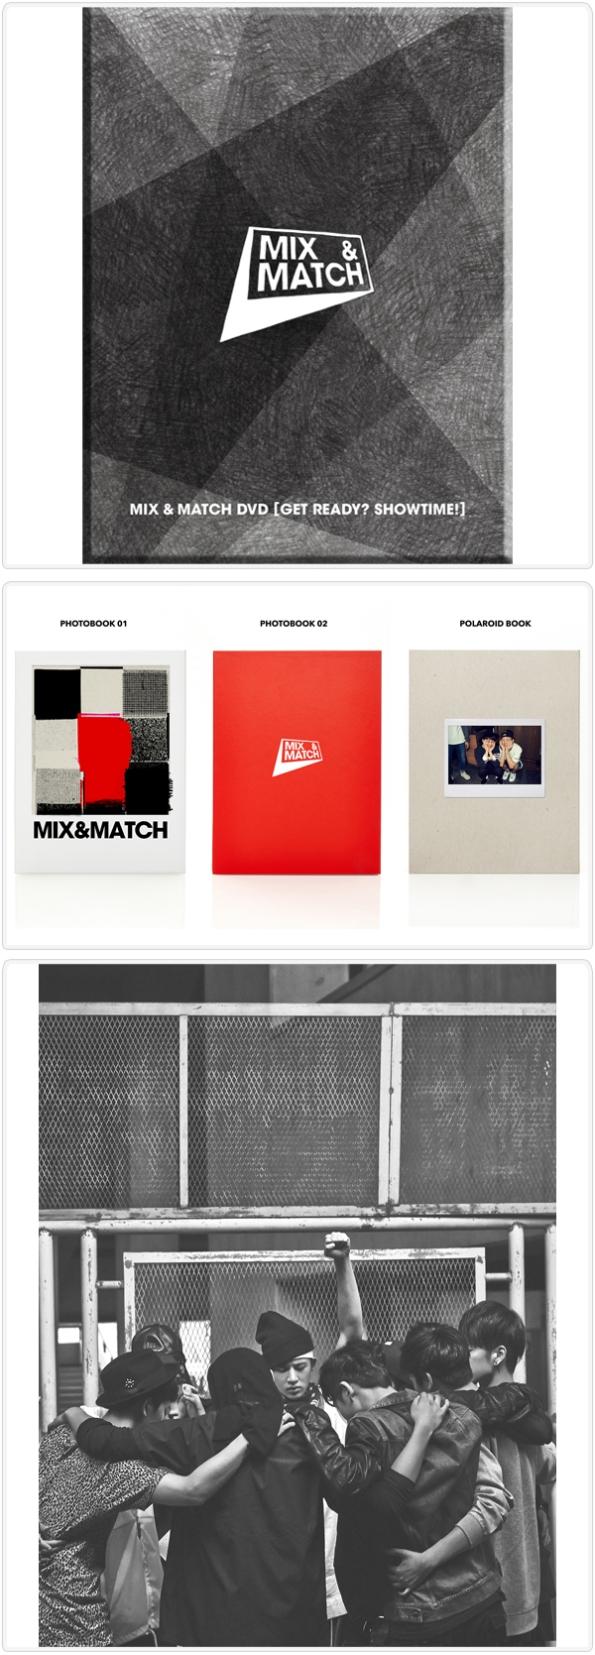 mix_match_01